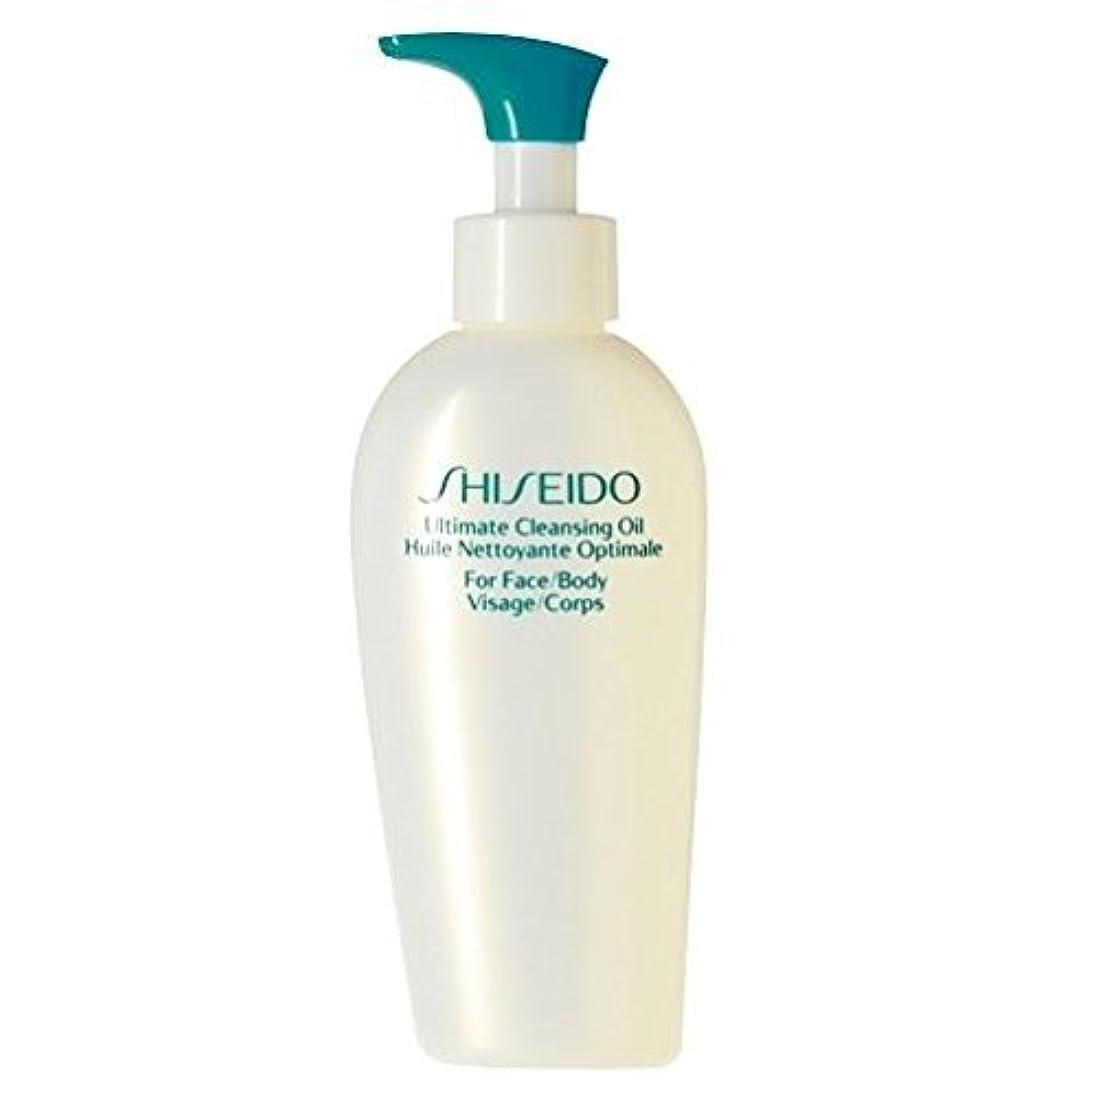 コーヒーラリーベルモント昼寝[Shiseido] 資生堂究極のクレンジングオイル、150ミリリットル - Shiseido Ultimate Cleansing Oil, 150ml [並行輸入品]